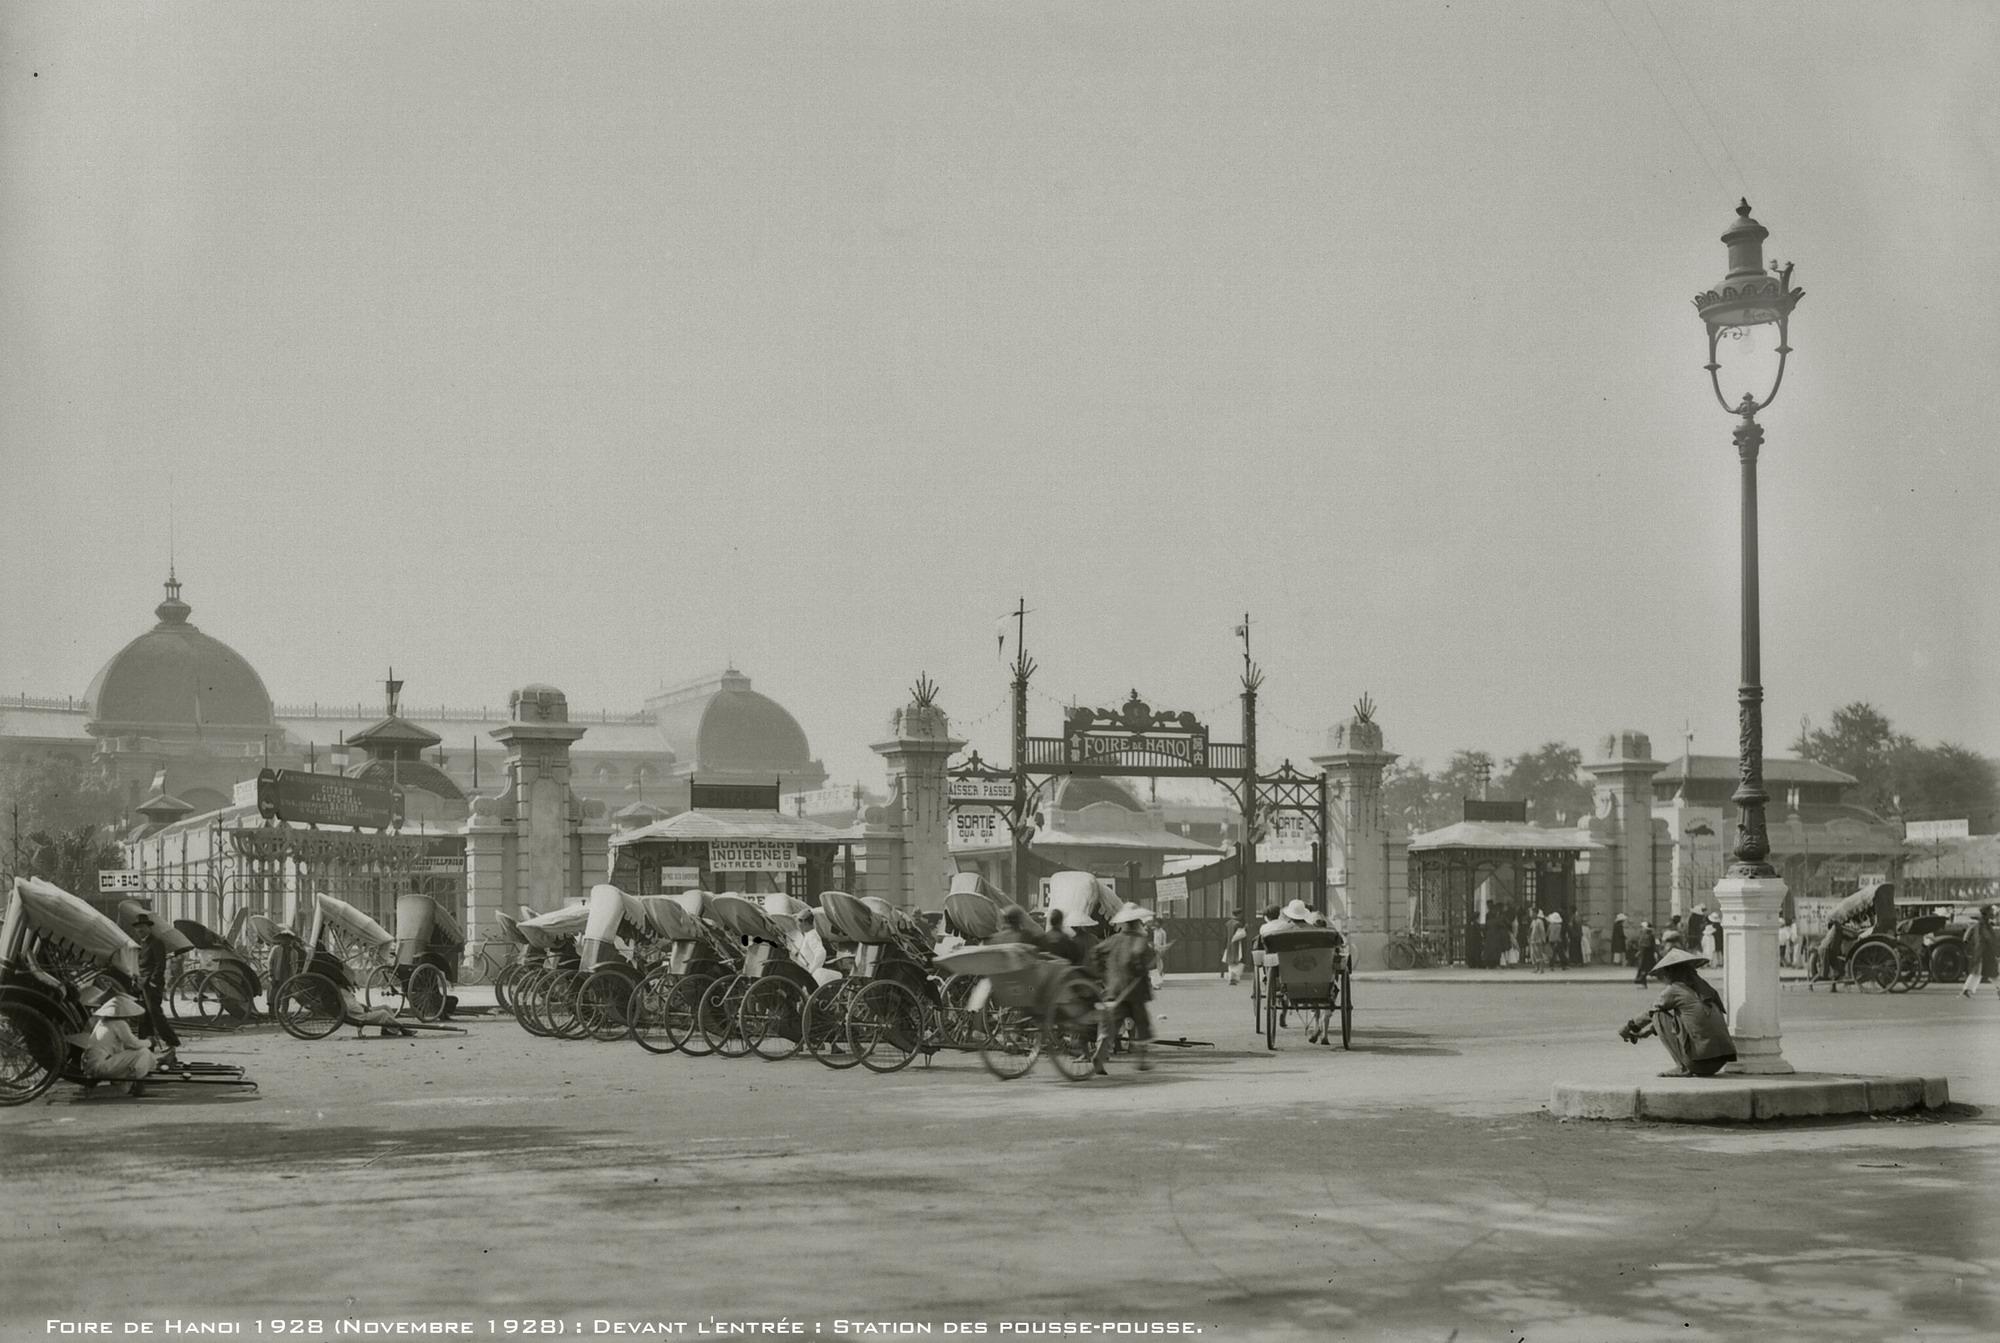 Hình ảnh hiếm có về hội chợ đấu xảo Hà Nội năm 1928